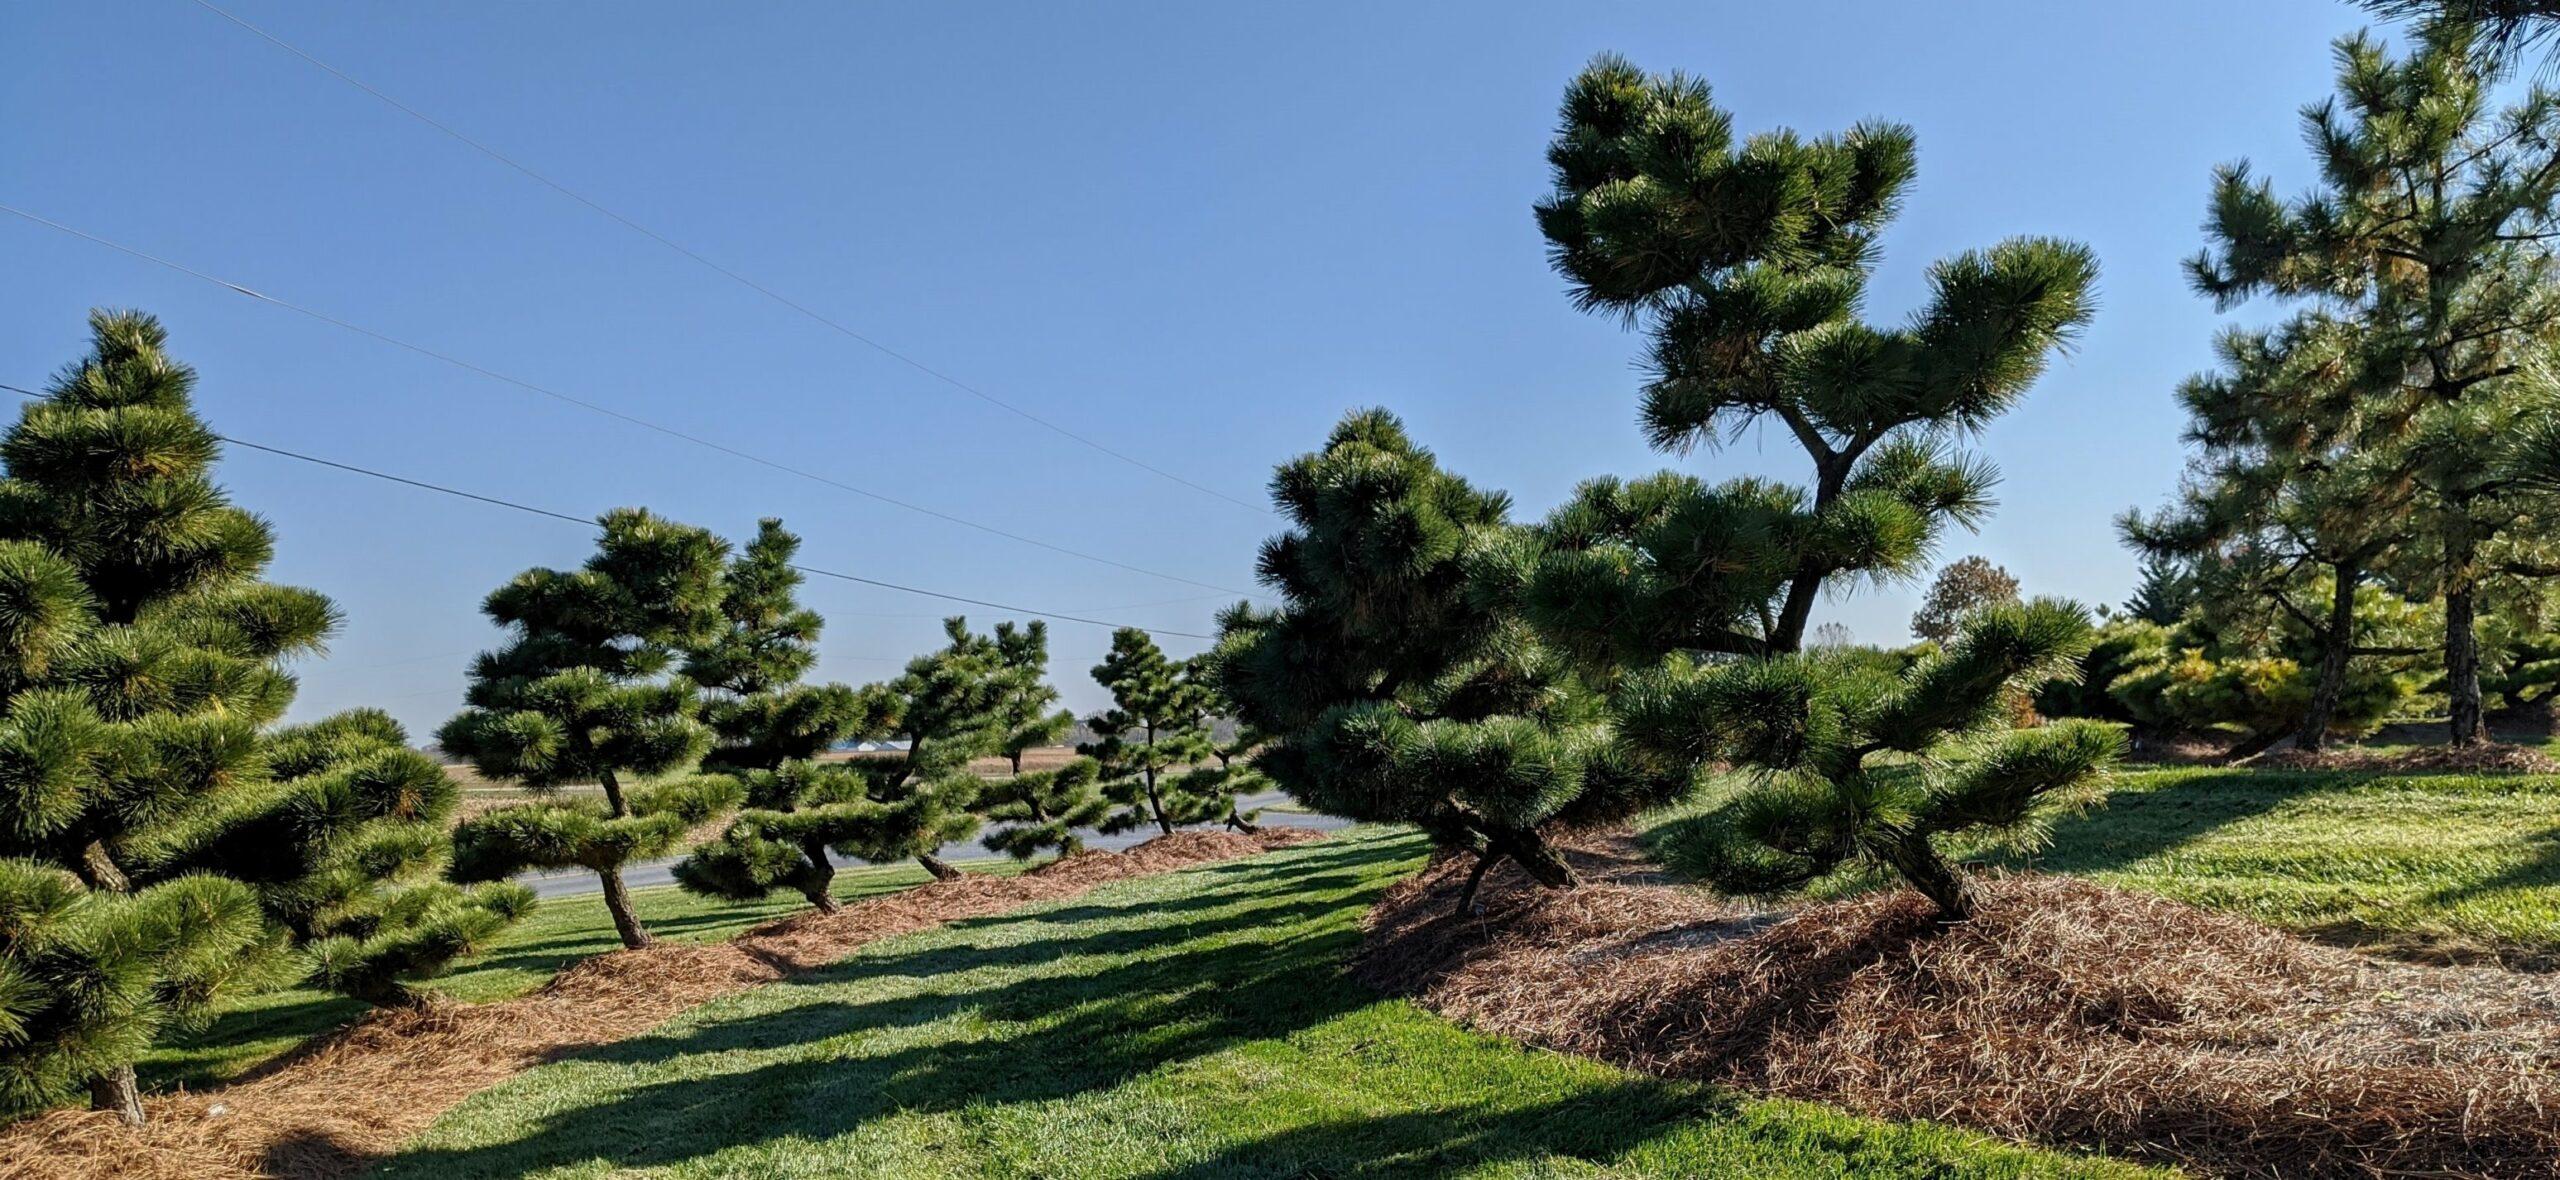 Pinus thunbergii 'Thunderhead', 'Banshoho' and 'Fuji' Japanese Black Pine, Manheim, PA